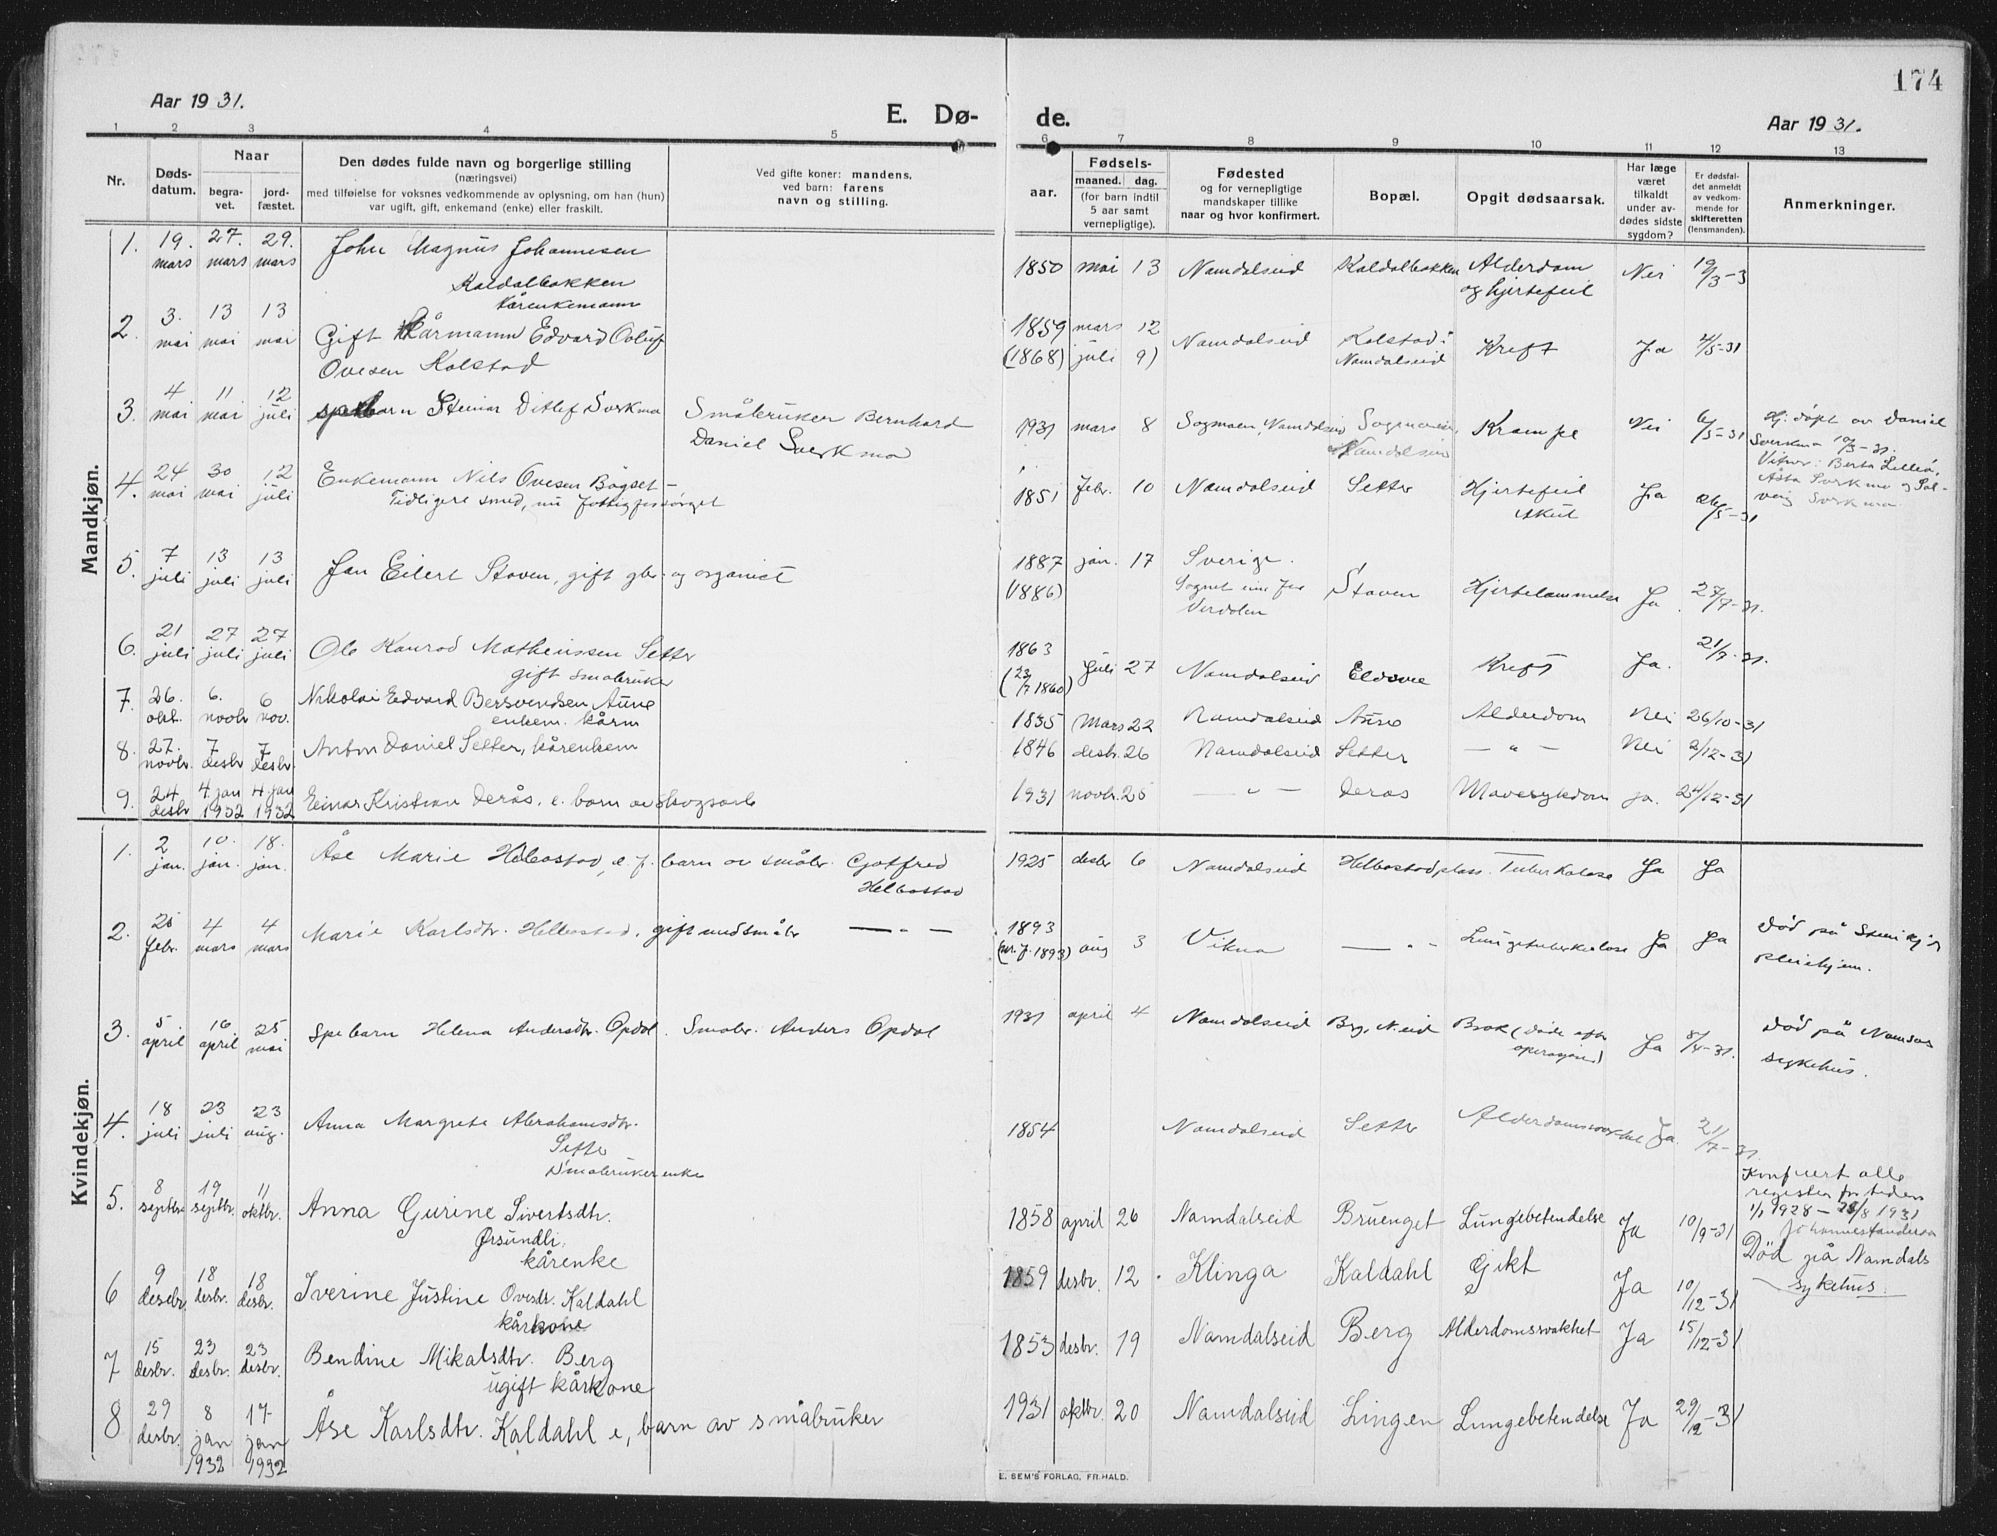 SAT, Ministerialprotokoller, klokkerbøker og fødselsregistre - Nord-Trøndelag, 742/L0413: Klokkerbok nr. 742C04, 1911-1938, s. 174